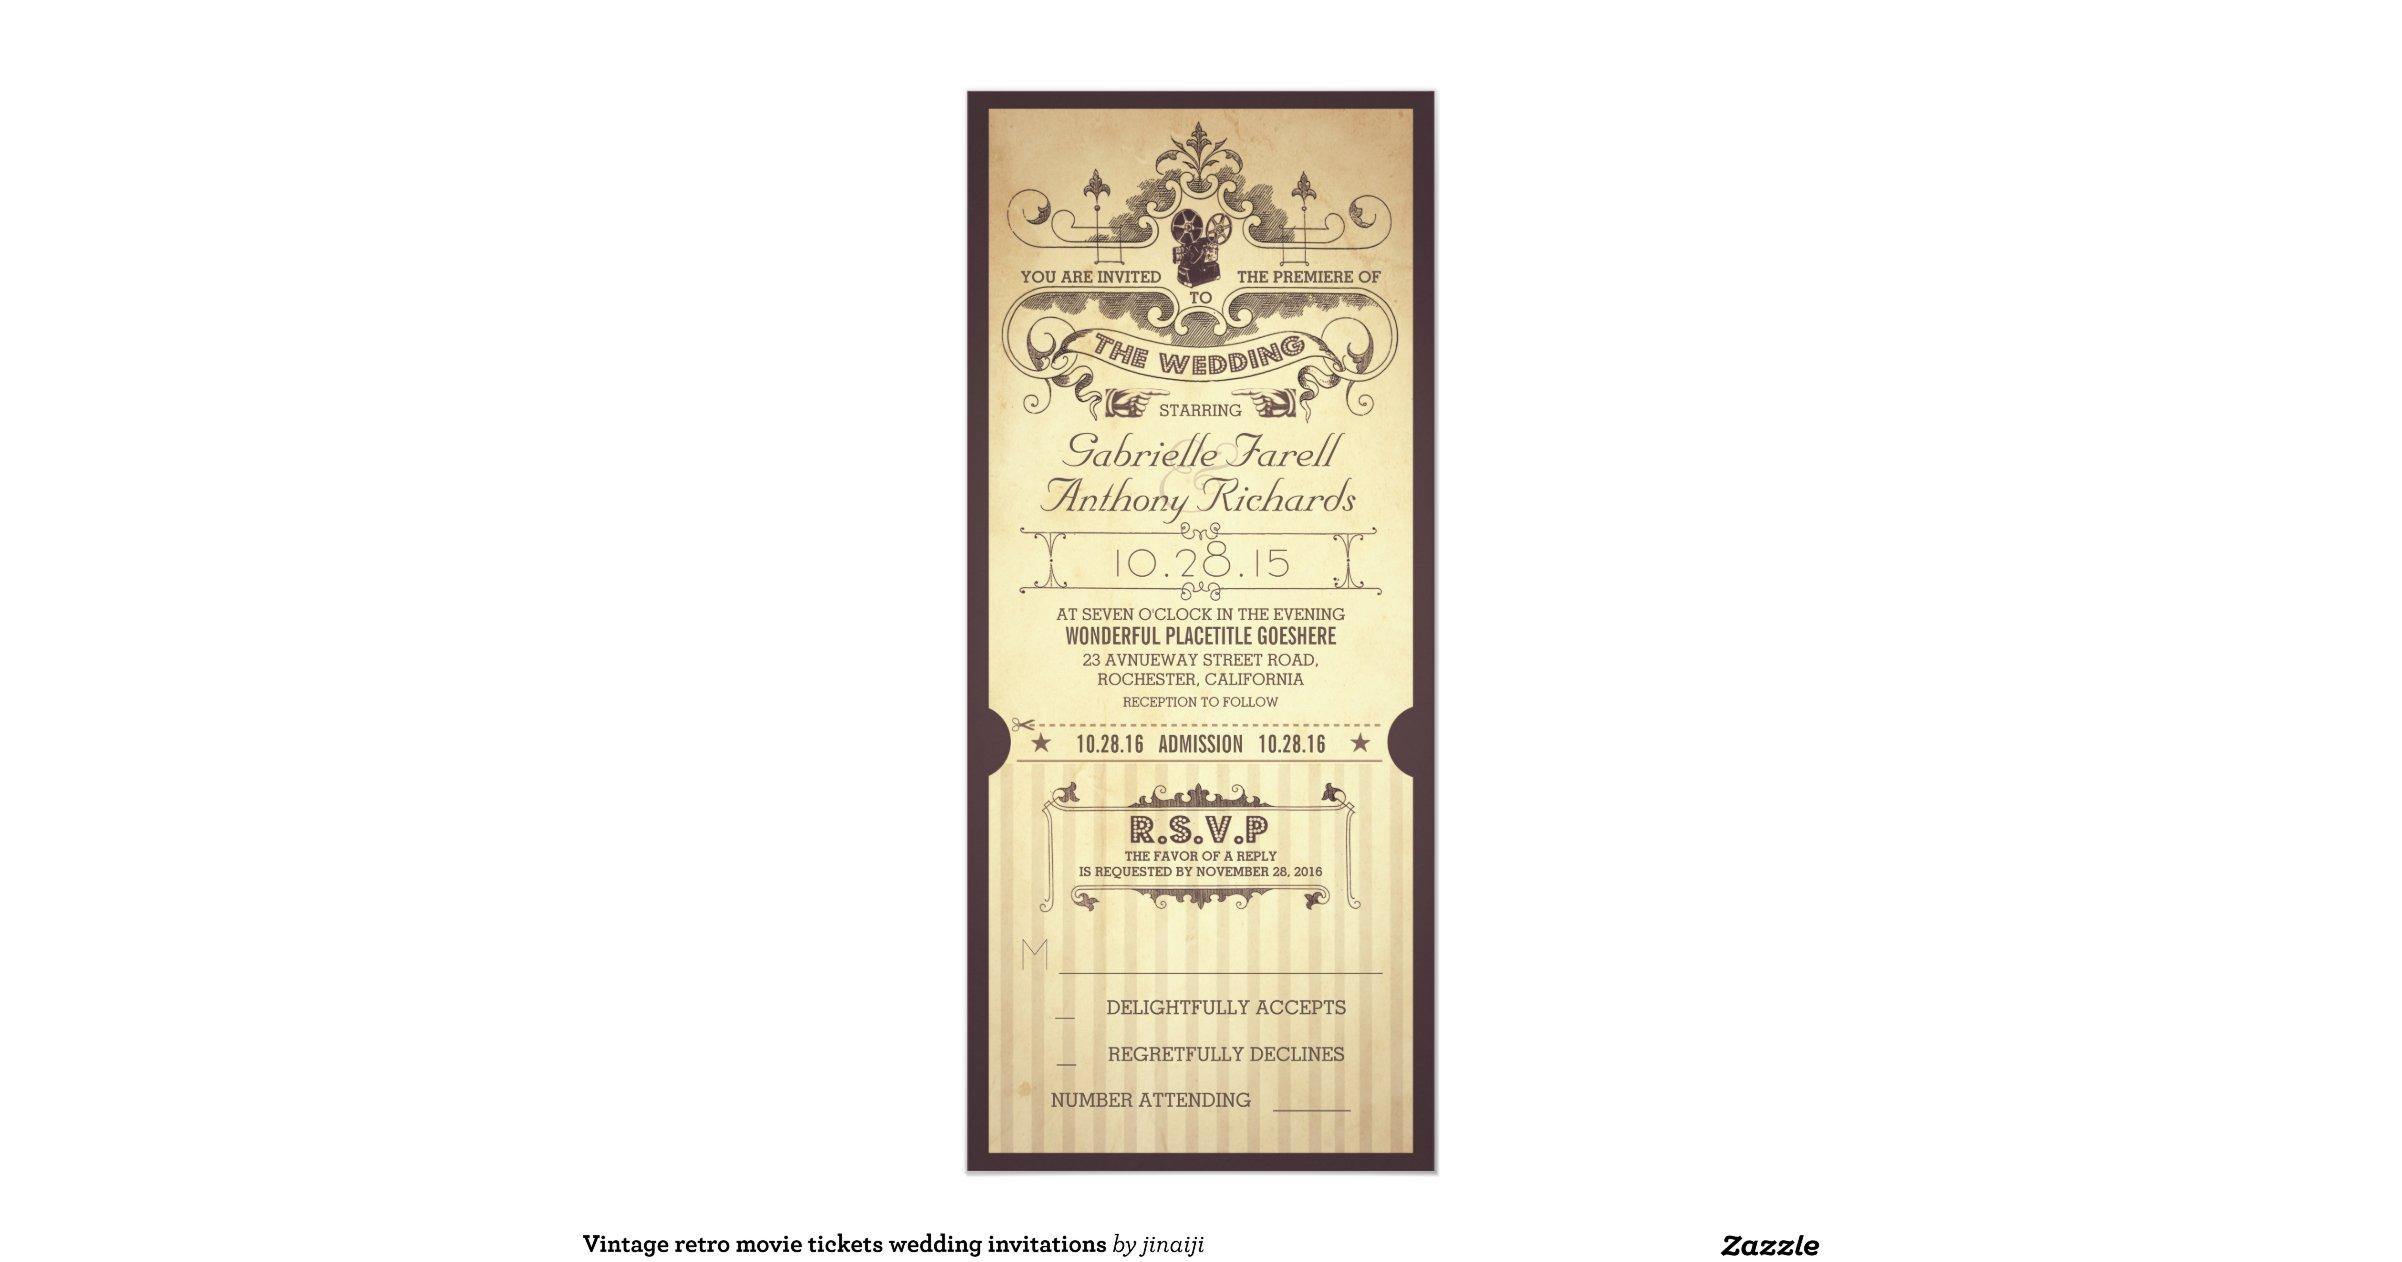 Vintage Retro Movie Tickets Wedding Invitations R6b1b4b84b28b4e4dbe68351eab92a9cf Zk9gb 1200